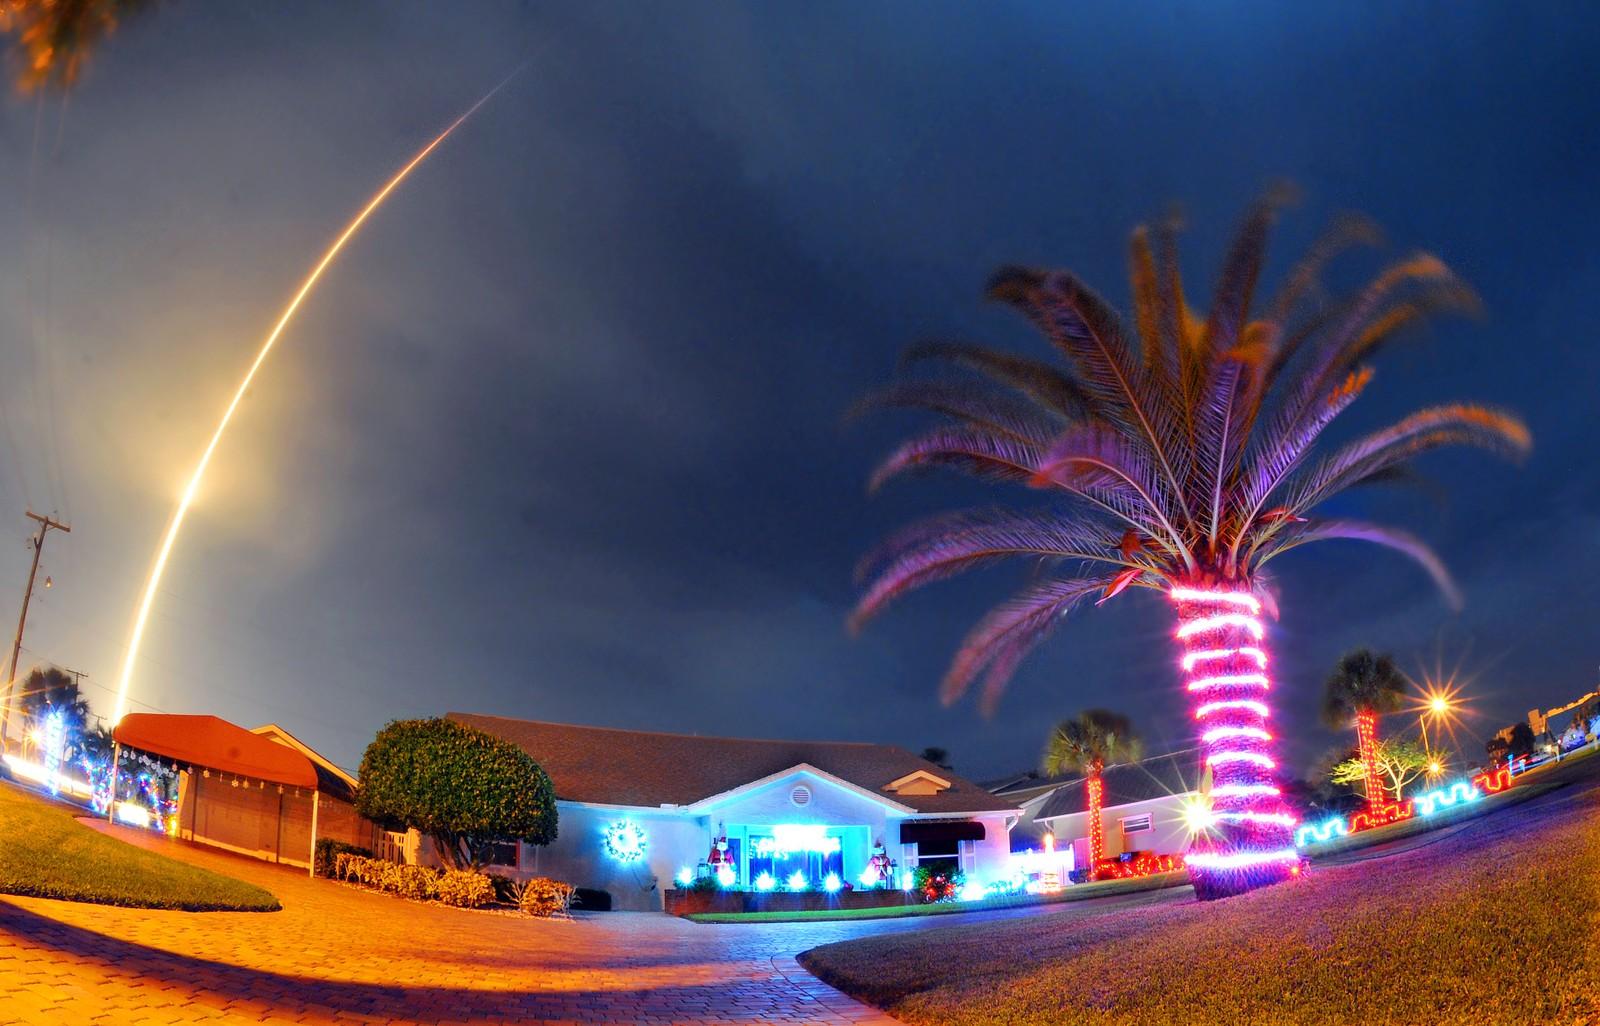 Raketten Falcon 9 tok av fra Florida klokken 02.29 natt til tirsdag. Ti minutter senere var romferden blitt historisk. Da landet det første trinnet med hjelp av sine egne motorer bare noen meter fra stedet den ble skutt opp. Dette er noe firmaet SpaceX og dets leder Elon Musk har forsøkt gjentatte ganger uten å lykkes.